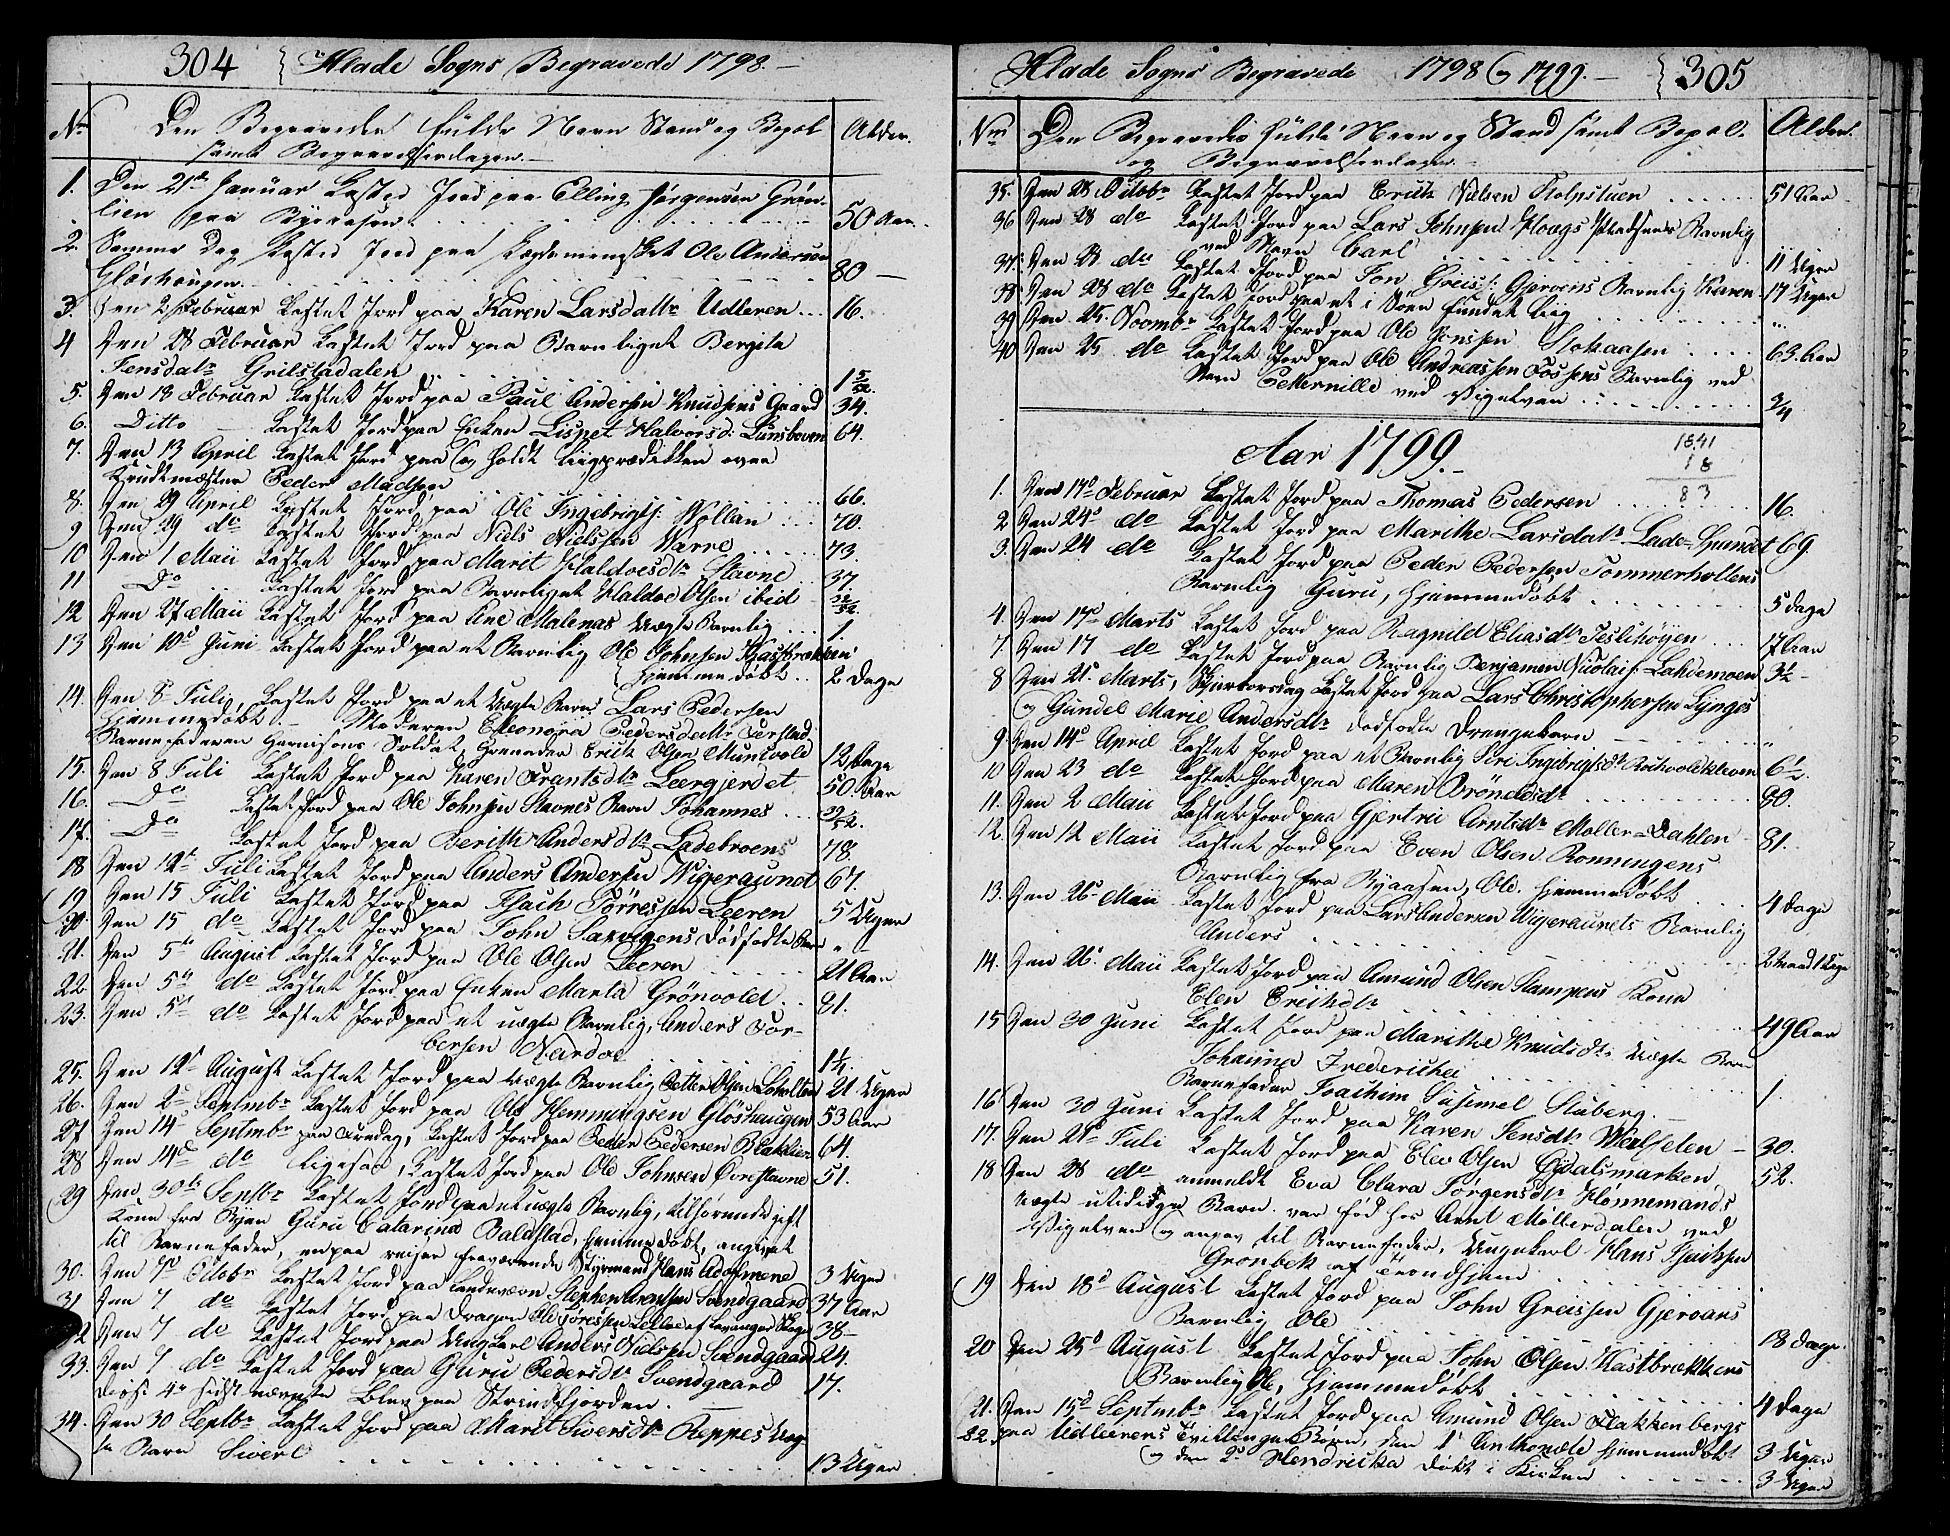 SAT, Ministerialprotokoller, klokkerbøker og fødselsregistre - Sør-Trøndelag, 606/L0306: Klokkerbok nr. 606C02, 1797-1829, s. 304-305